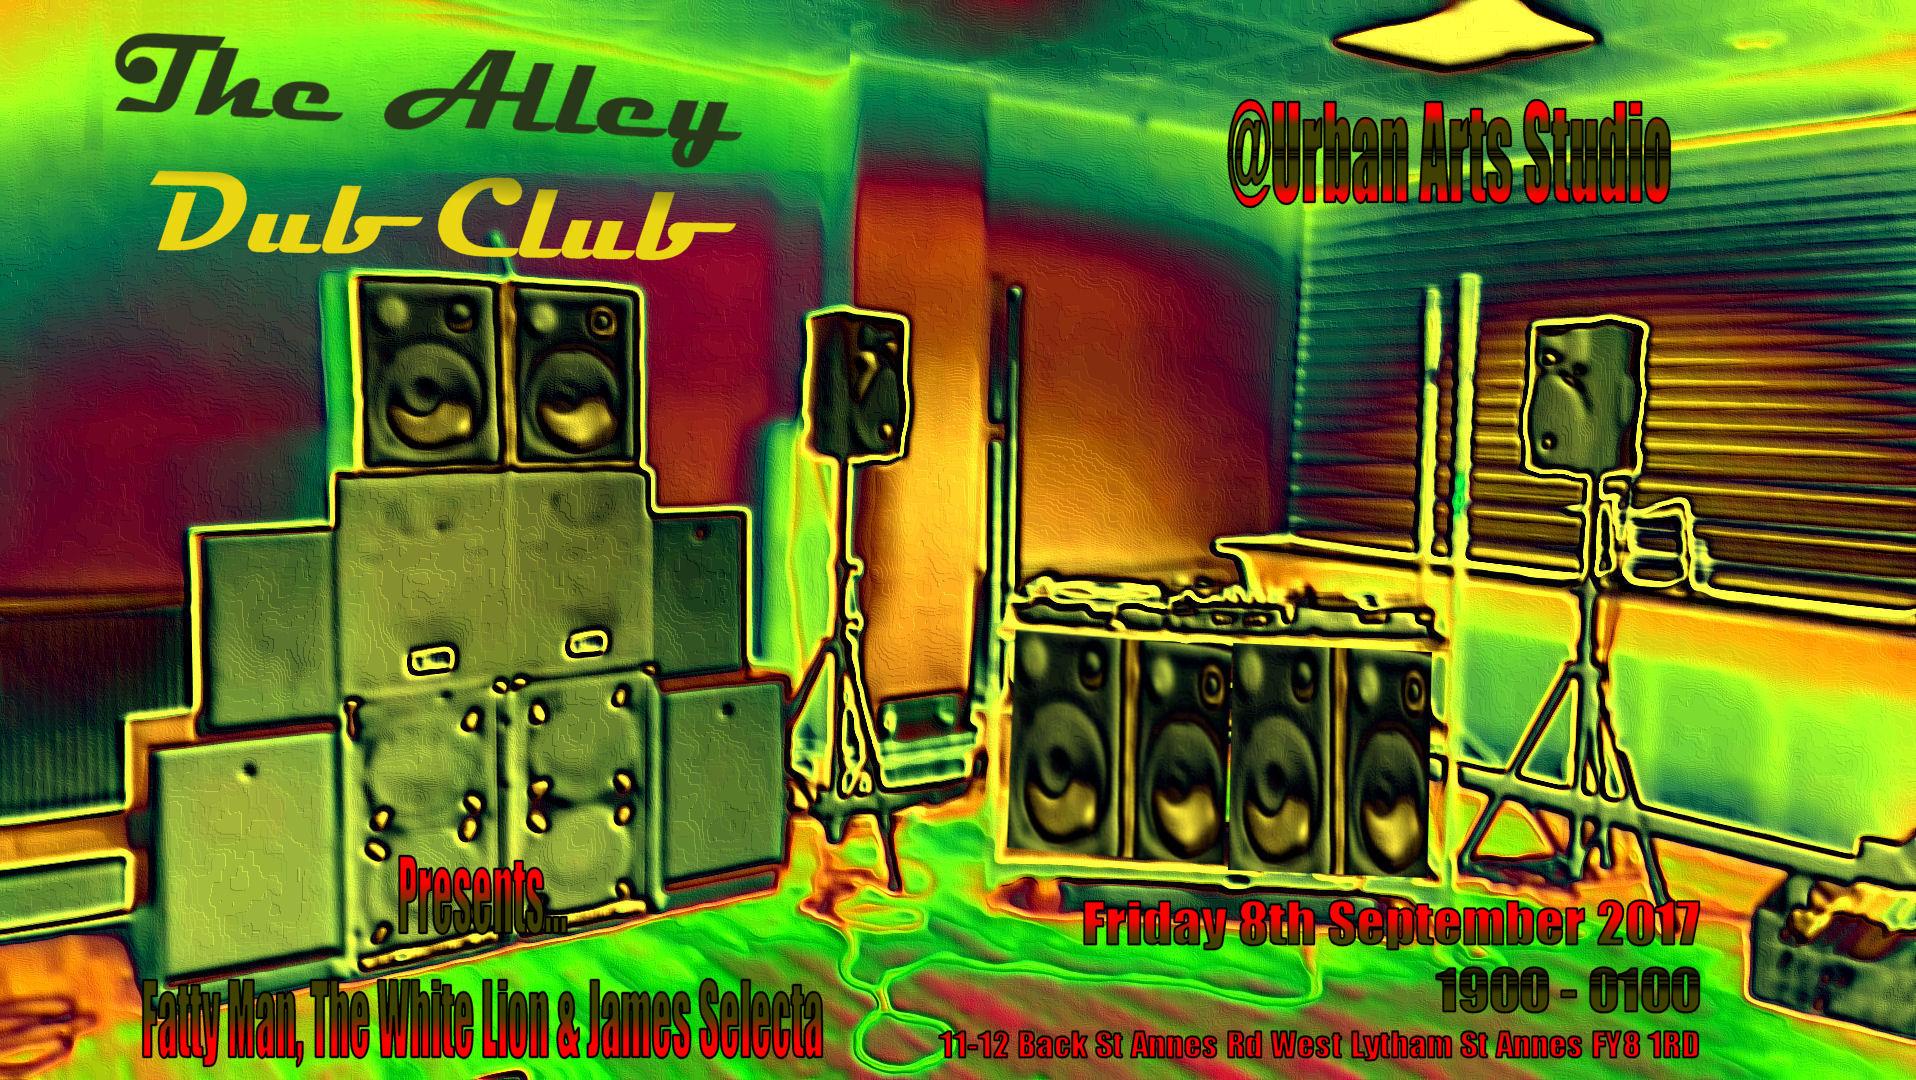 alley dub club back image 6j